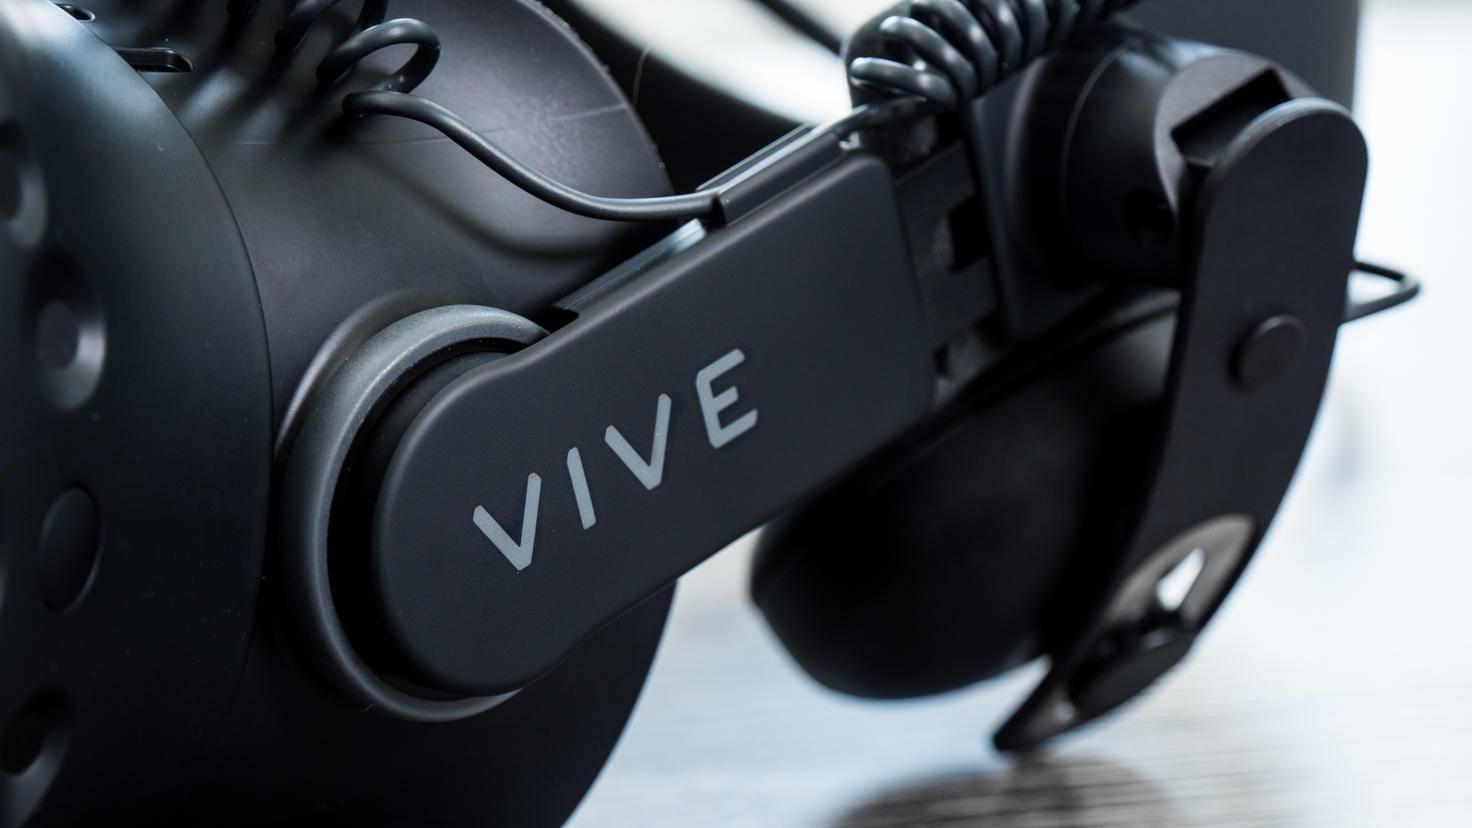 Vive-Deluxe-Audio-Strap-01